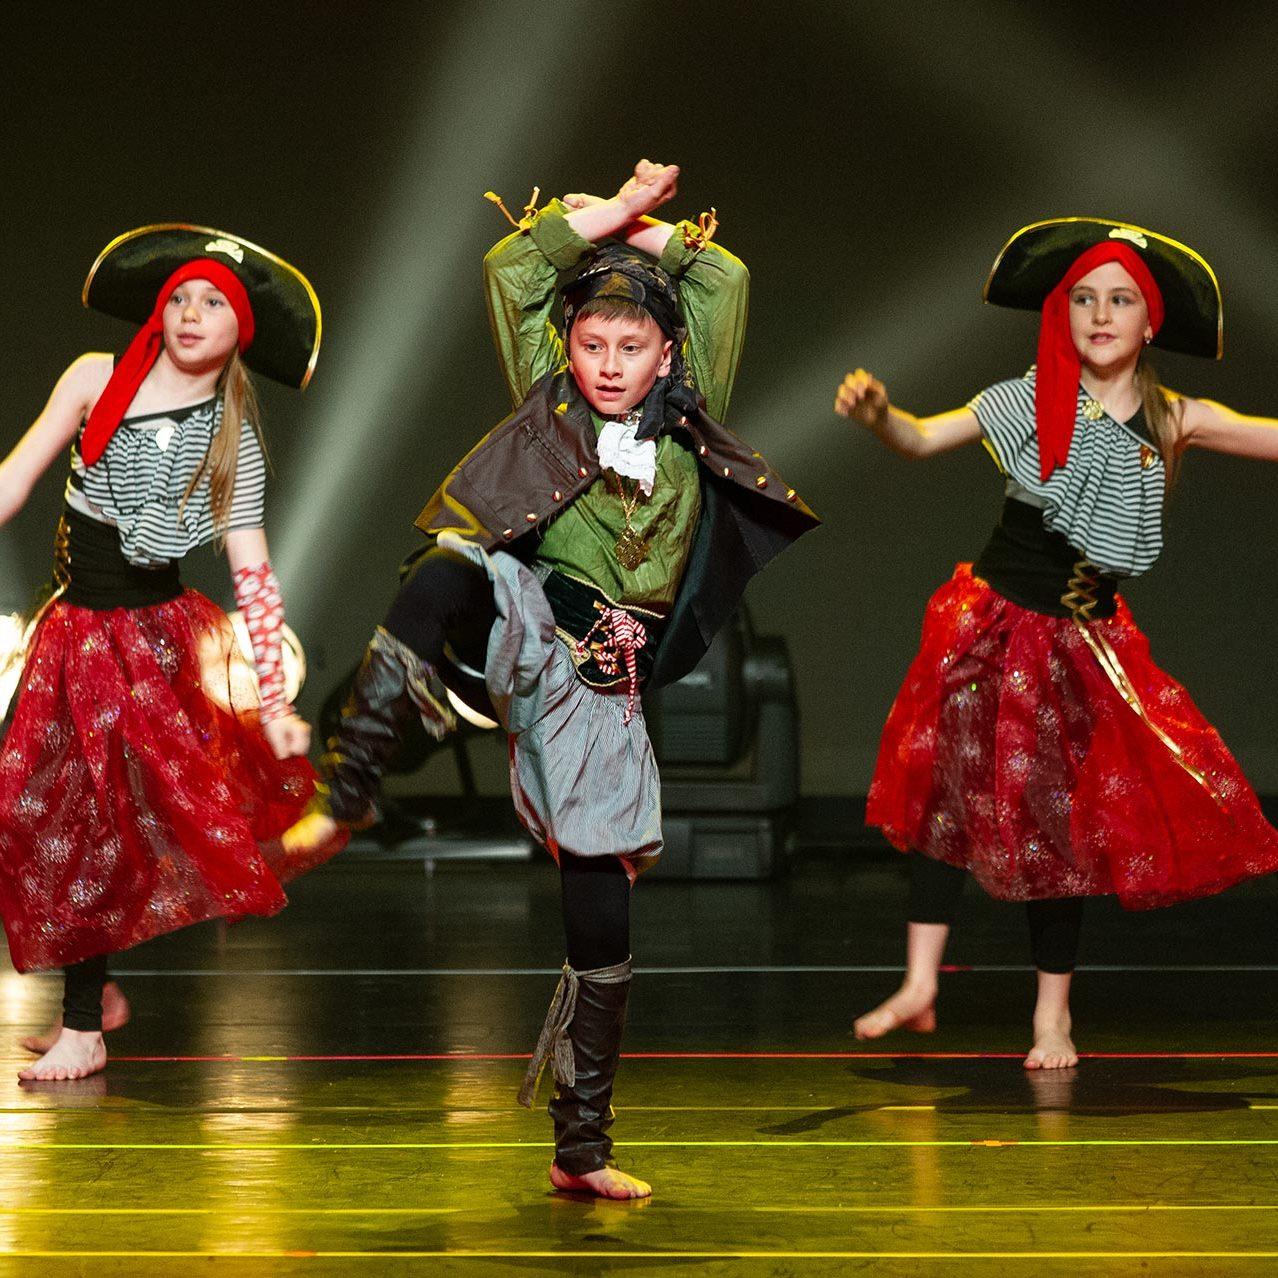 Academie-ballet-spectacle-2019-garcons-danse